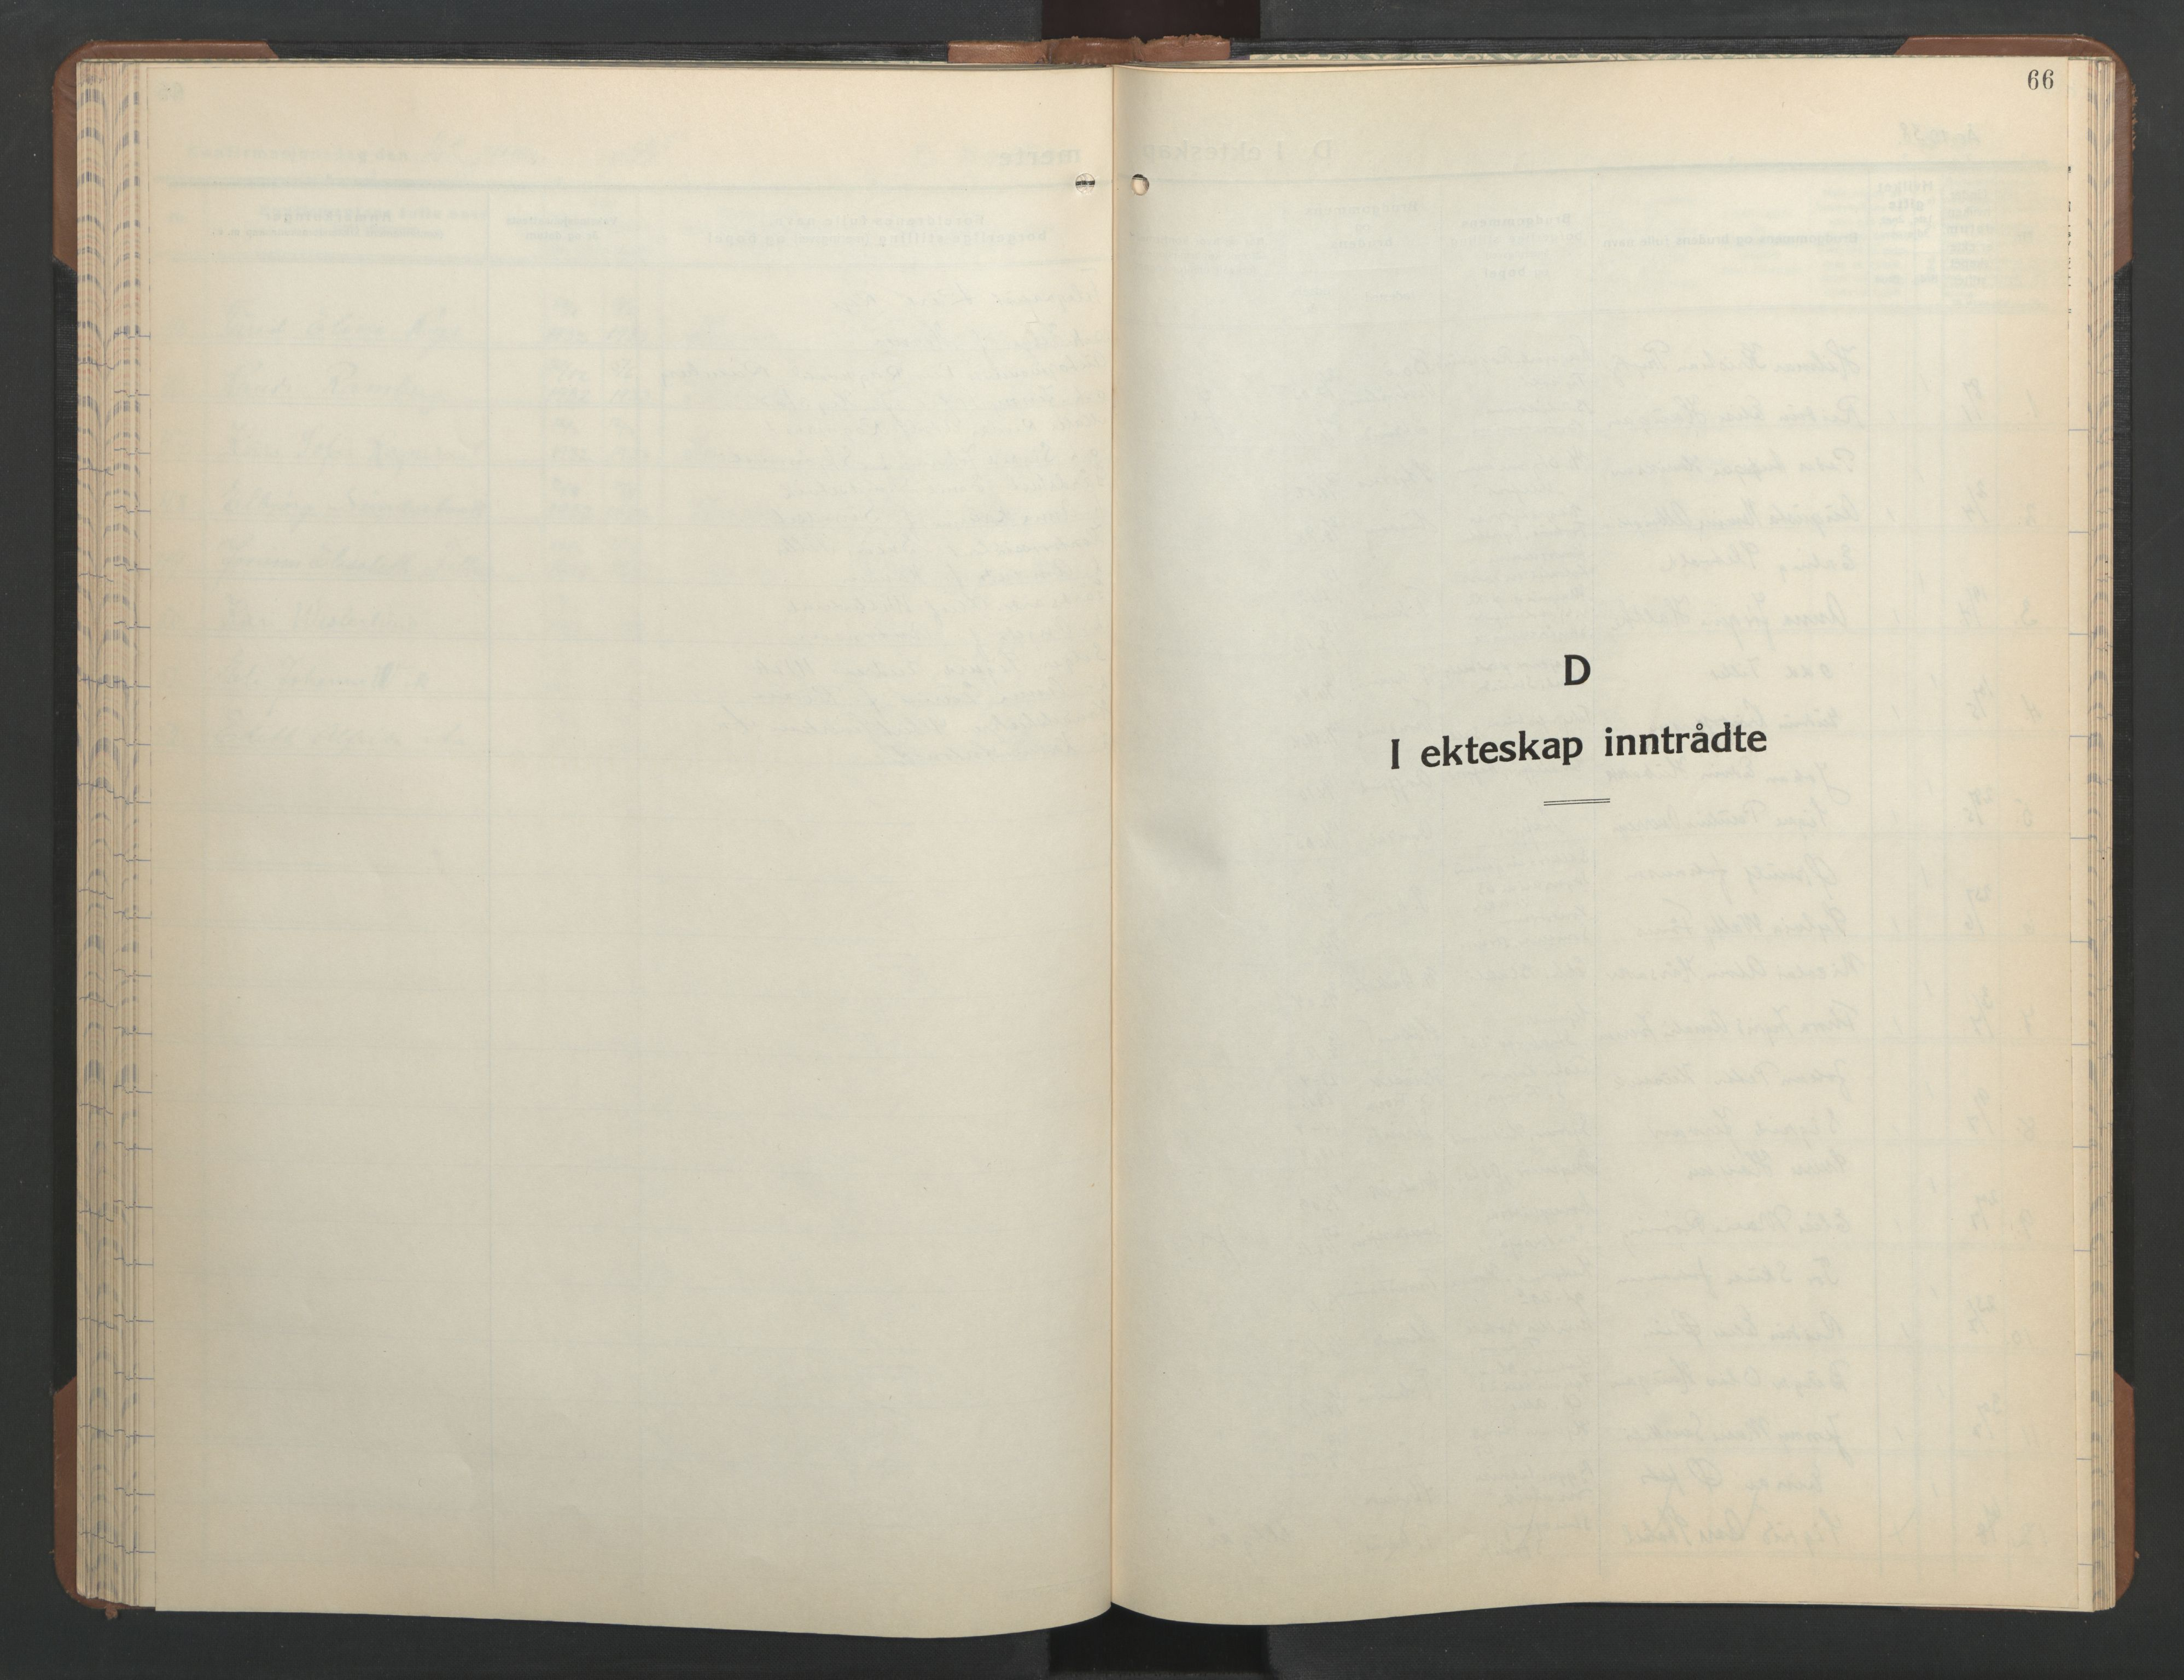 SAT, Ministerialprotokoller, klokkerbøker og fødselsregistre - Sør-Trøndelag, 606/L0315: Klokkerbok nr. 606C11, 1938-1947, s. 66